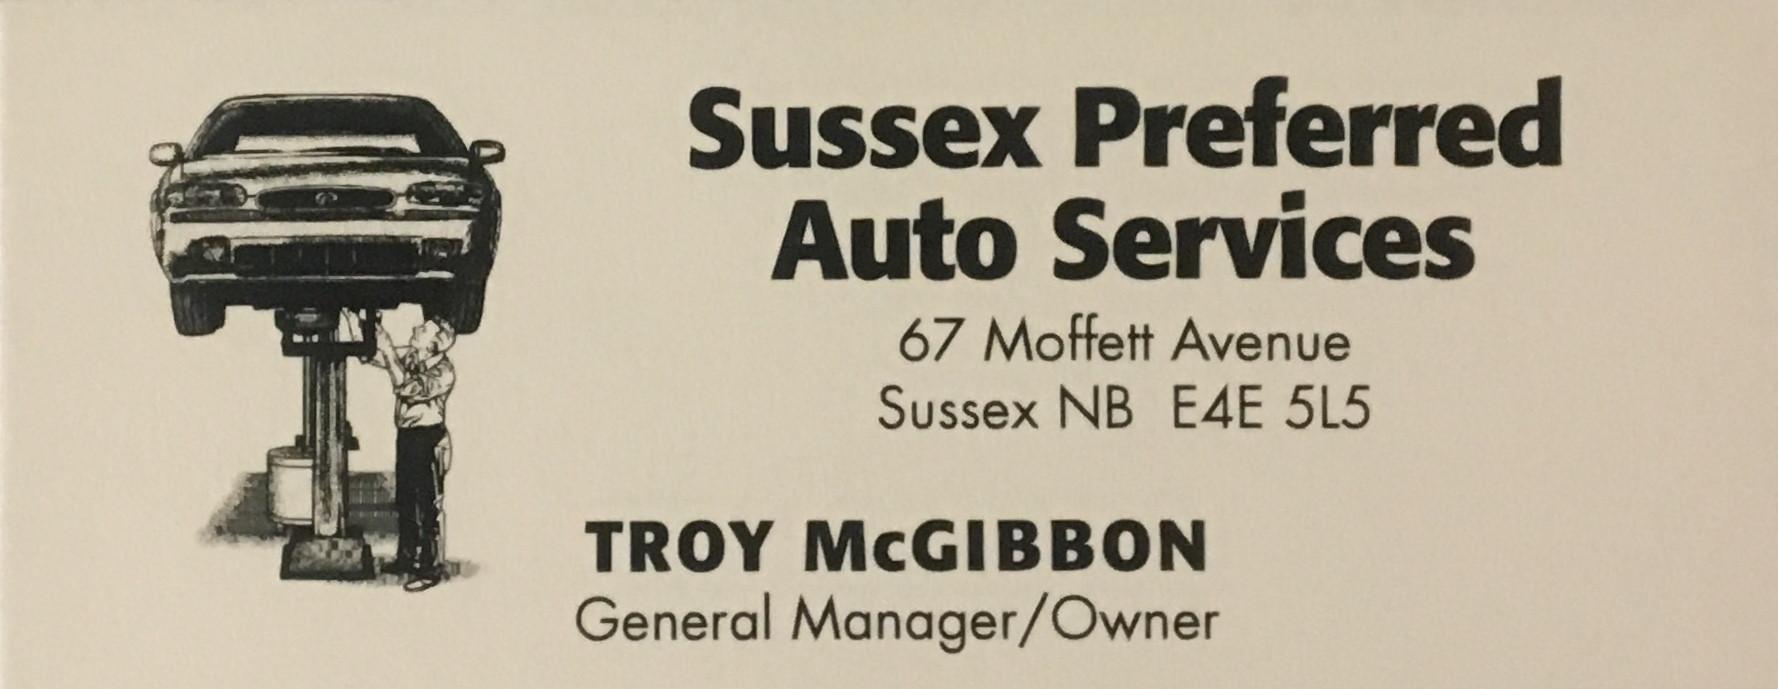 Sussex Preferred Auto Services